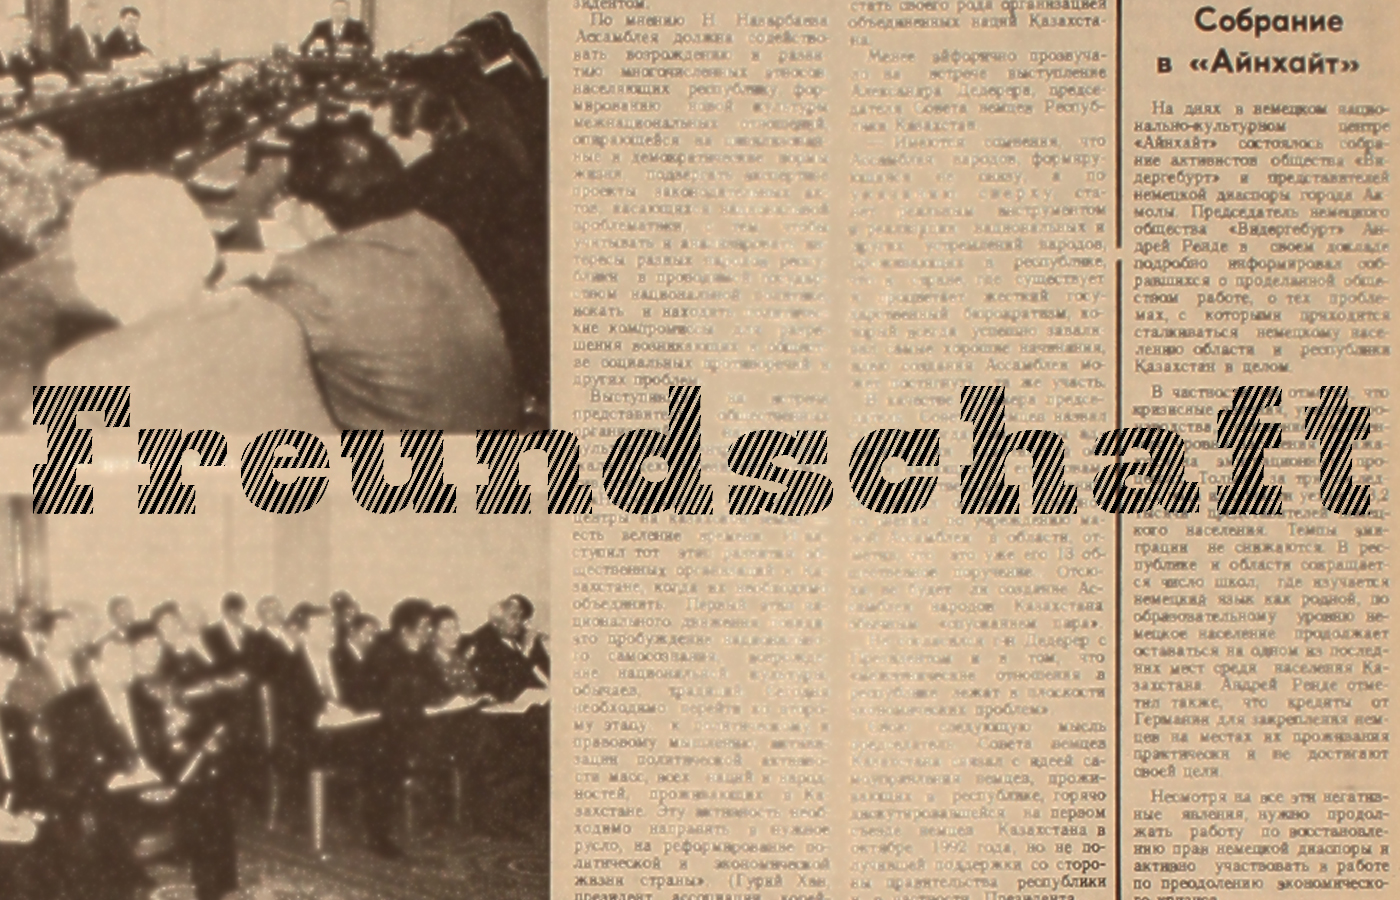 По страницам «Freundschaft». № 8 от 25 февраля 1995 г.